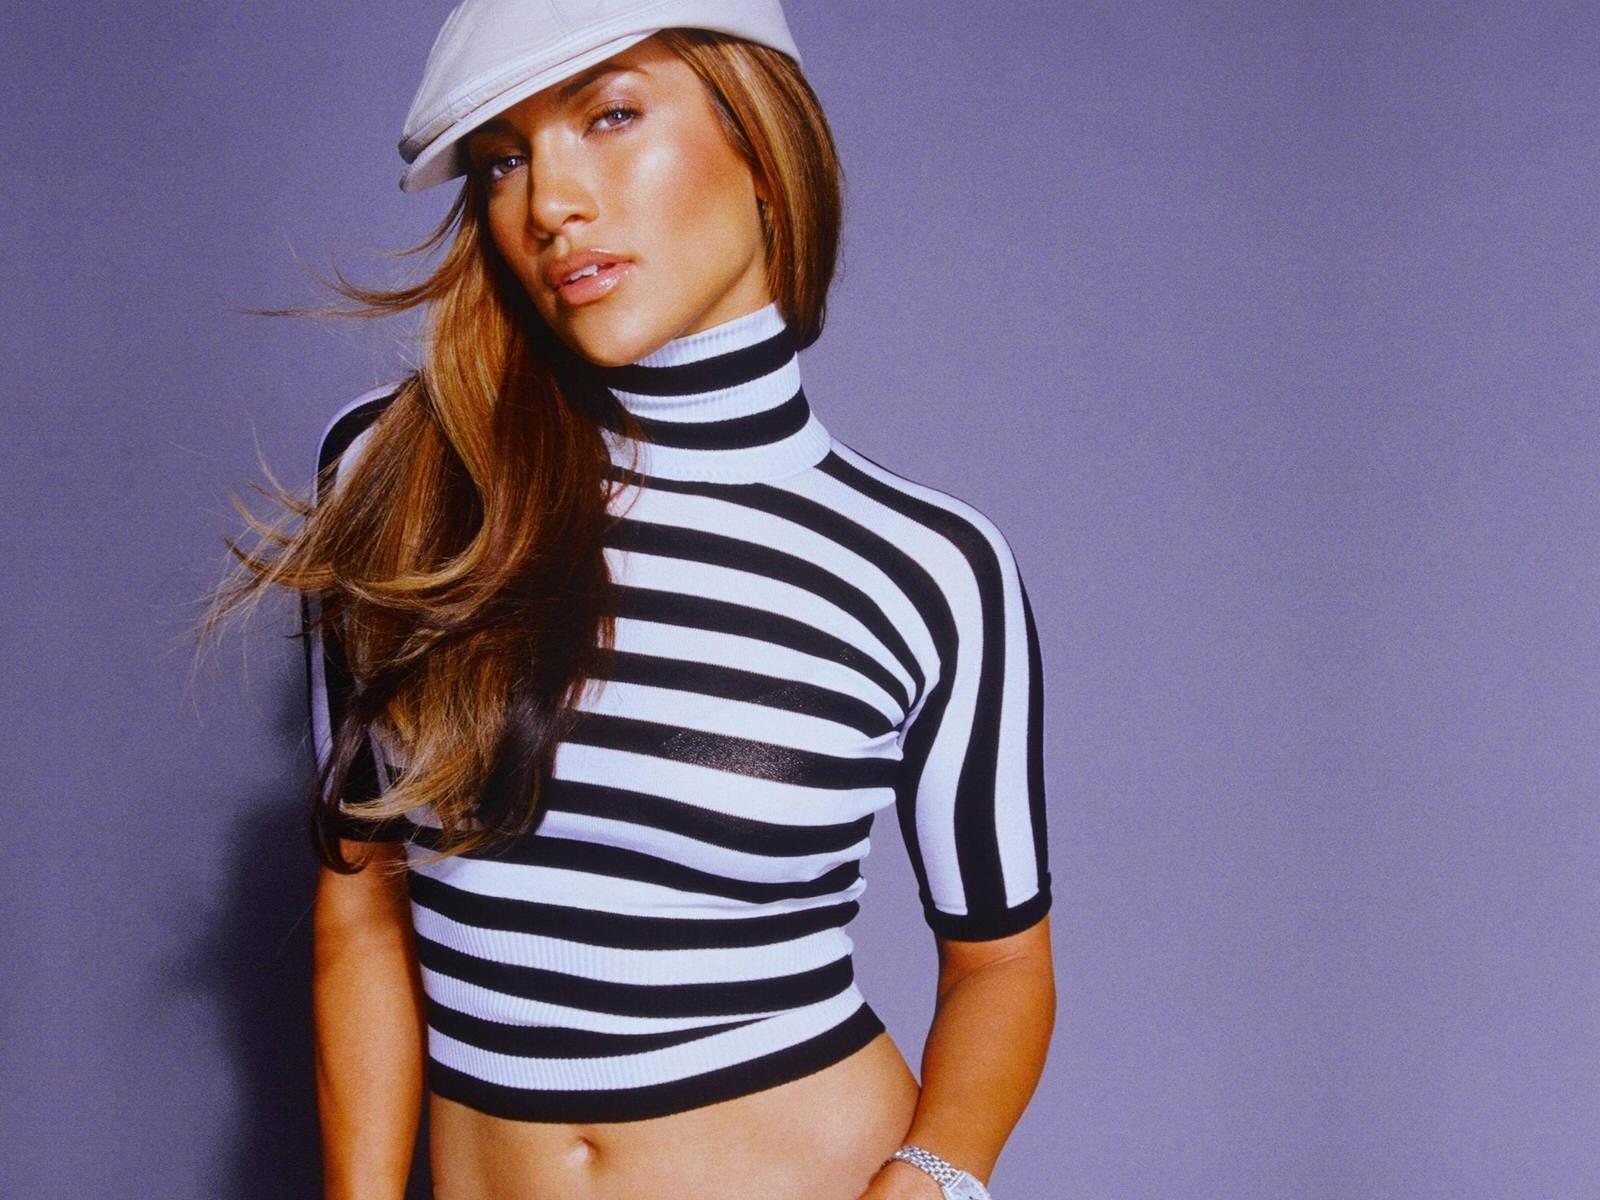 Wallpaper di Jennifer Lopez - la splendida cantante e attrice americana è nata il 24 luglio del '69 sotto il segno del Leone